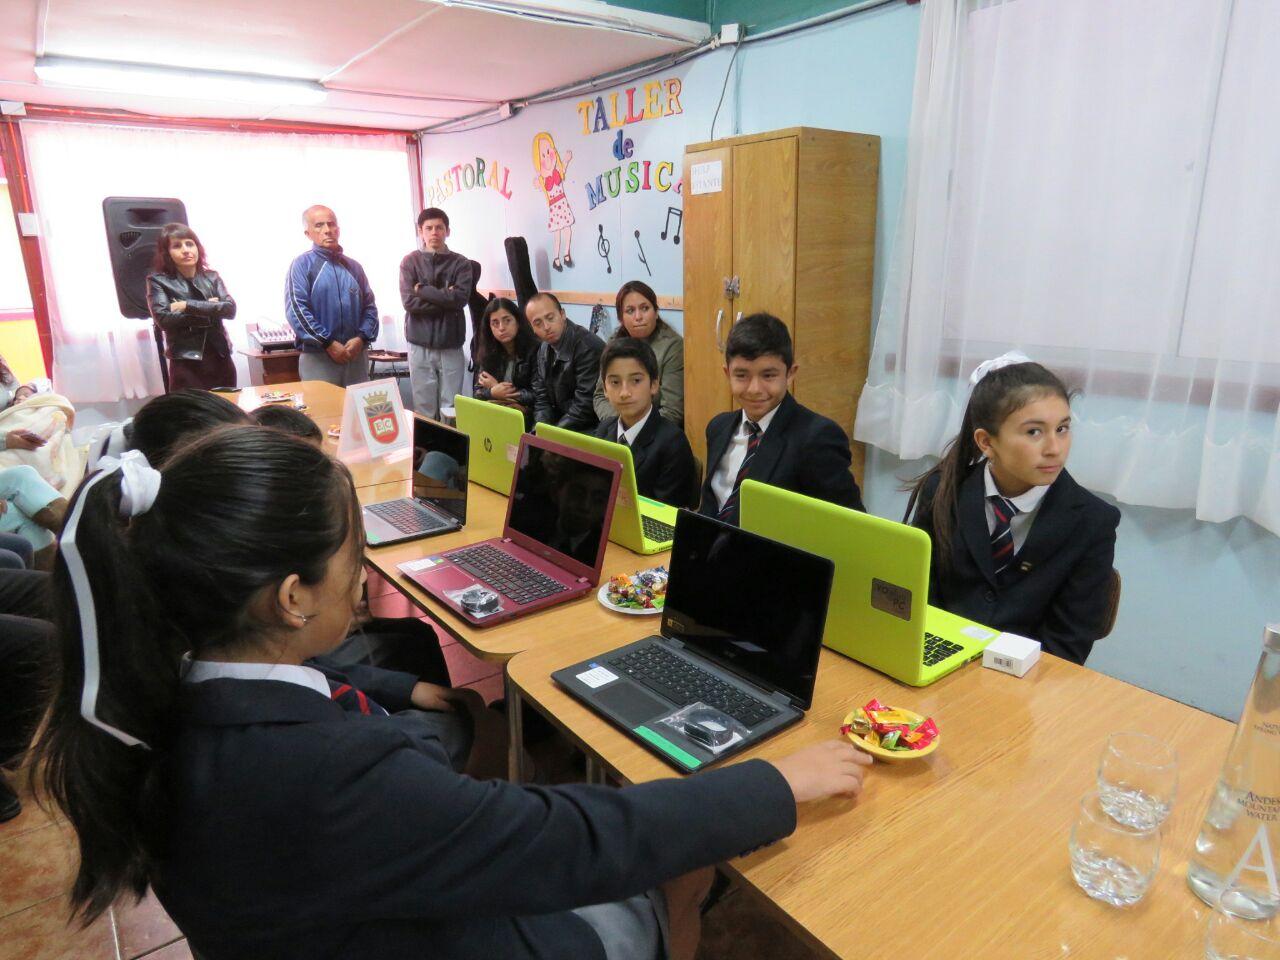 Entregan masiva de computadores con conectividad a estudiantes  de 7º básico de Huasco y Freirina